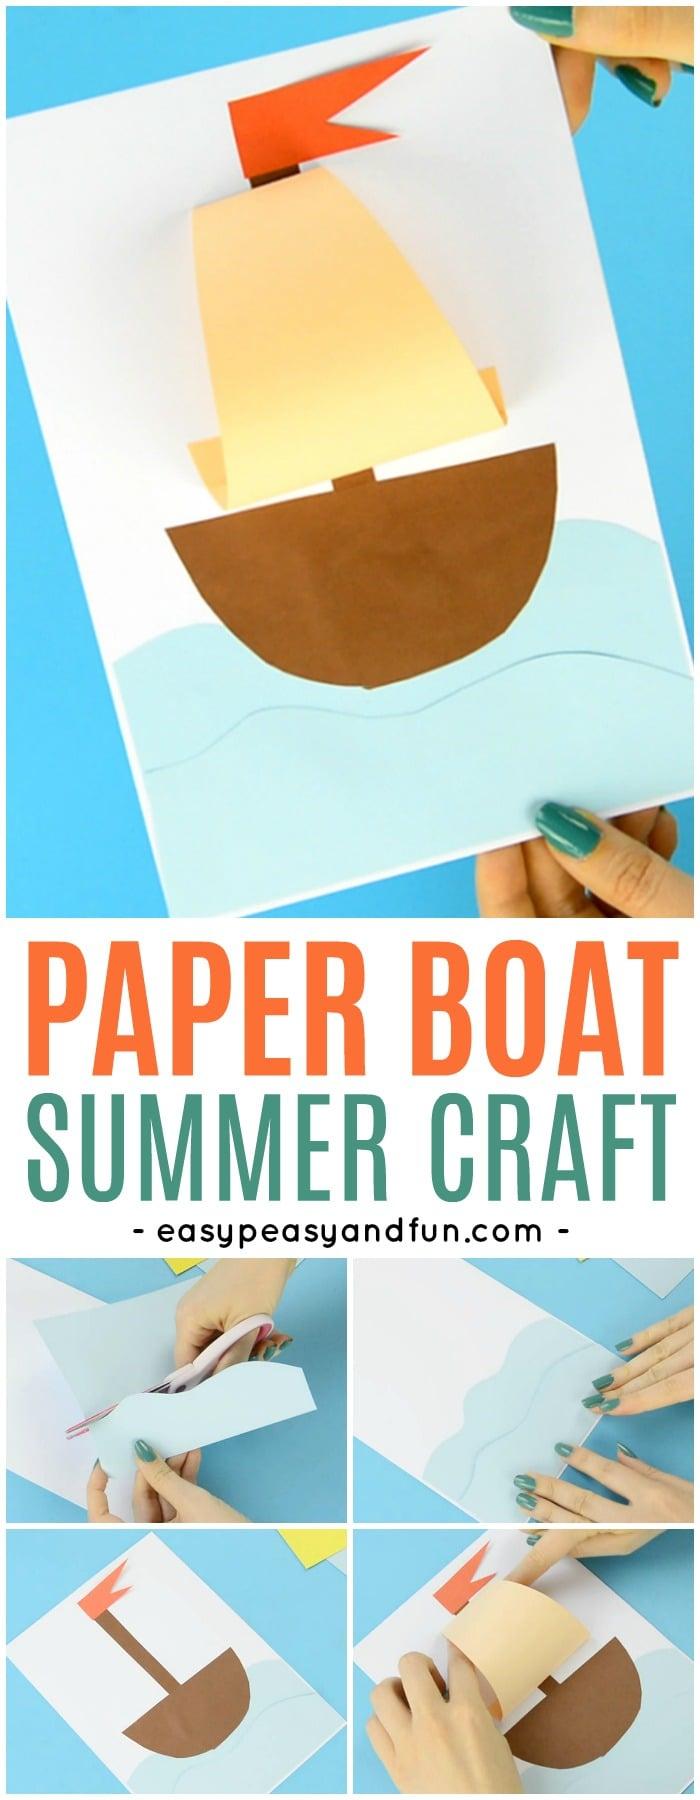 bricolage pour la maternelle avec un bateau découpé en papier coloré et collé sur une feuille blanche